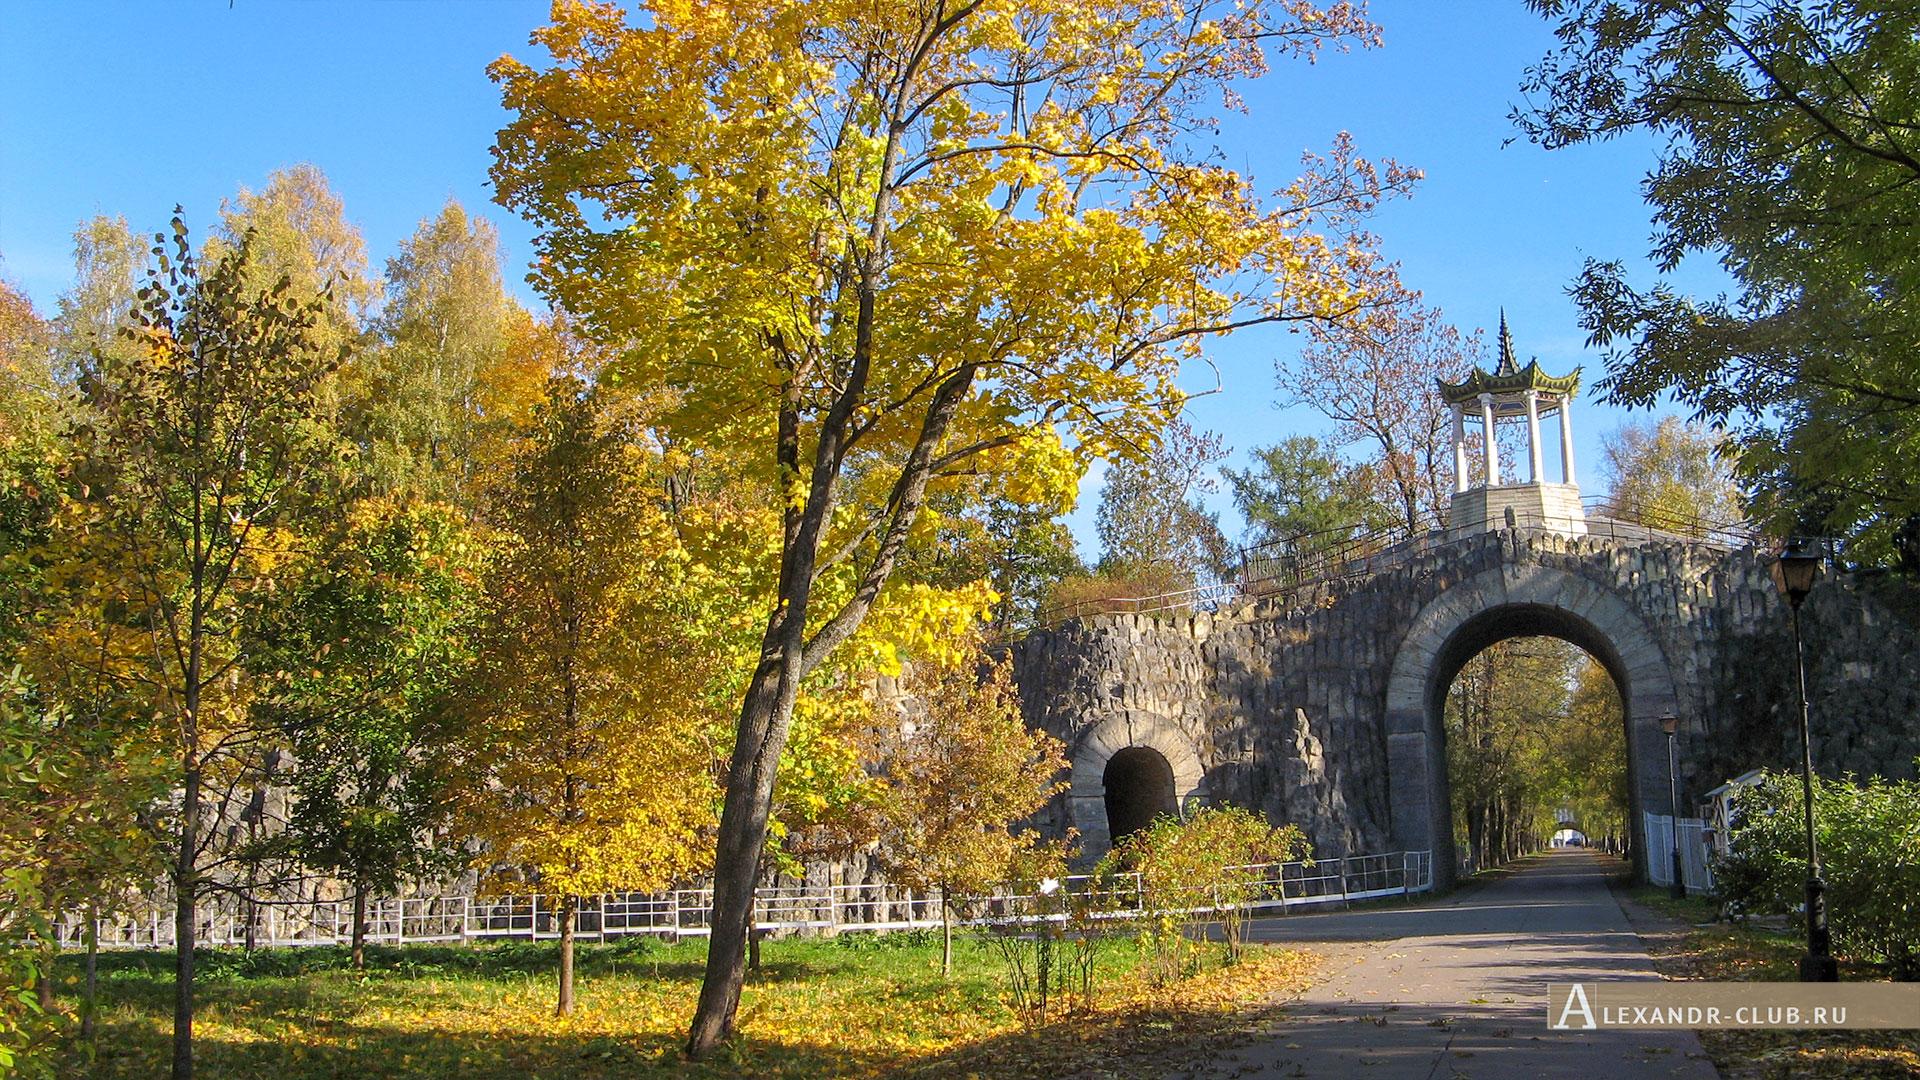 Пушкин, Царское Село, осень, Александровский парк, Большой каприз